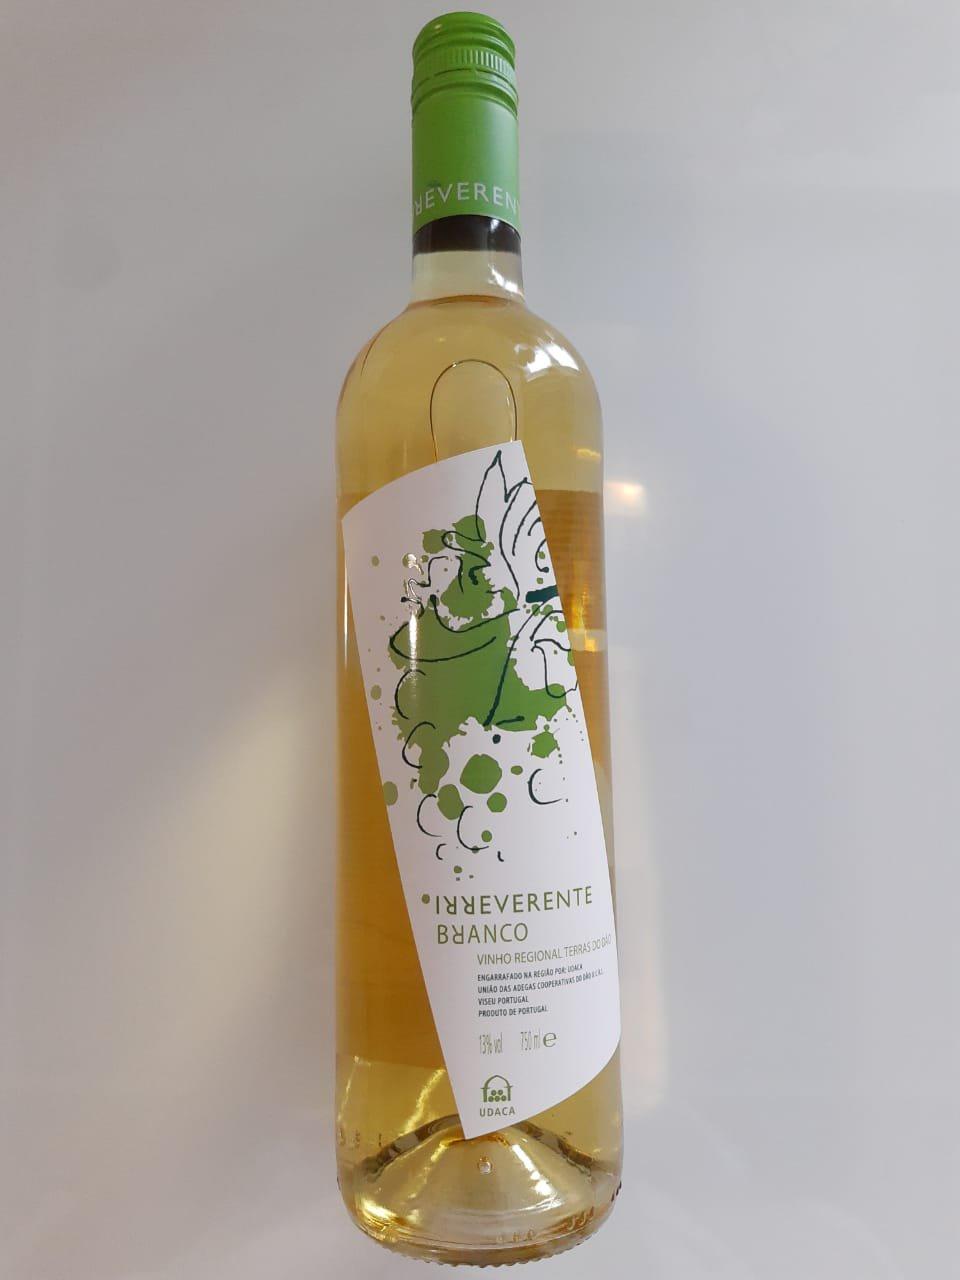 Vinho Irreverente Branco 750ml